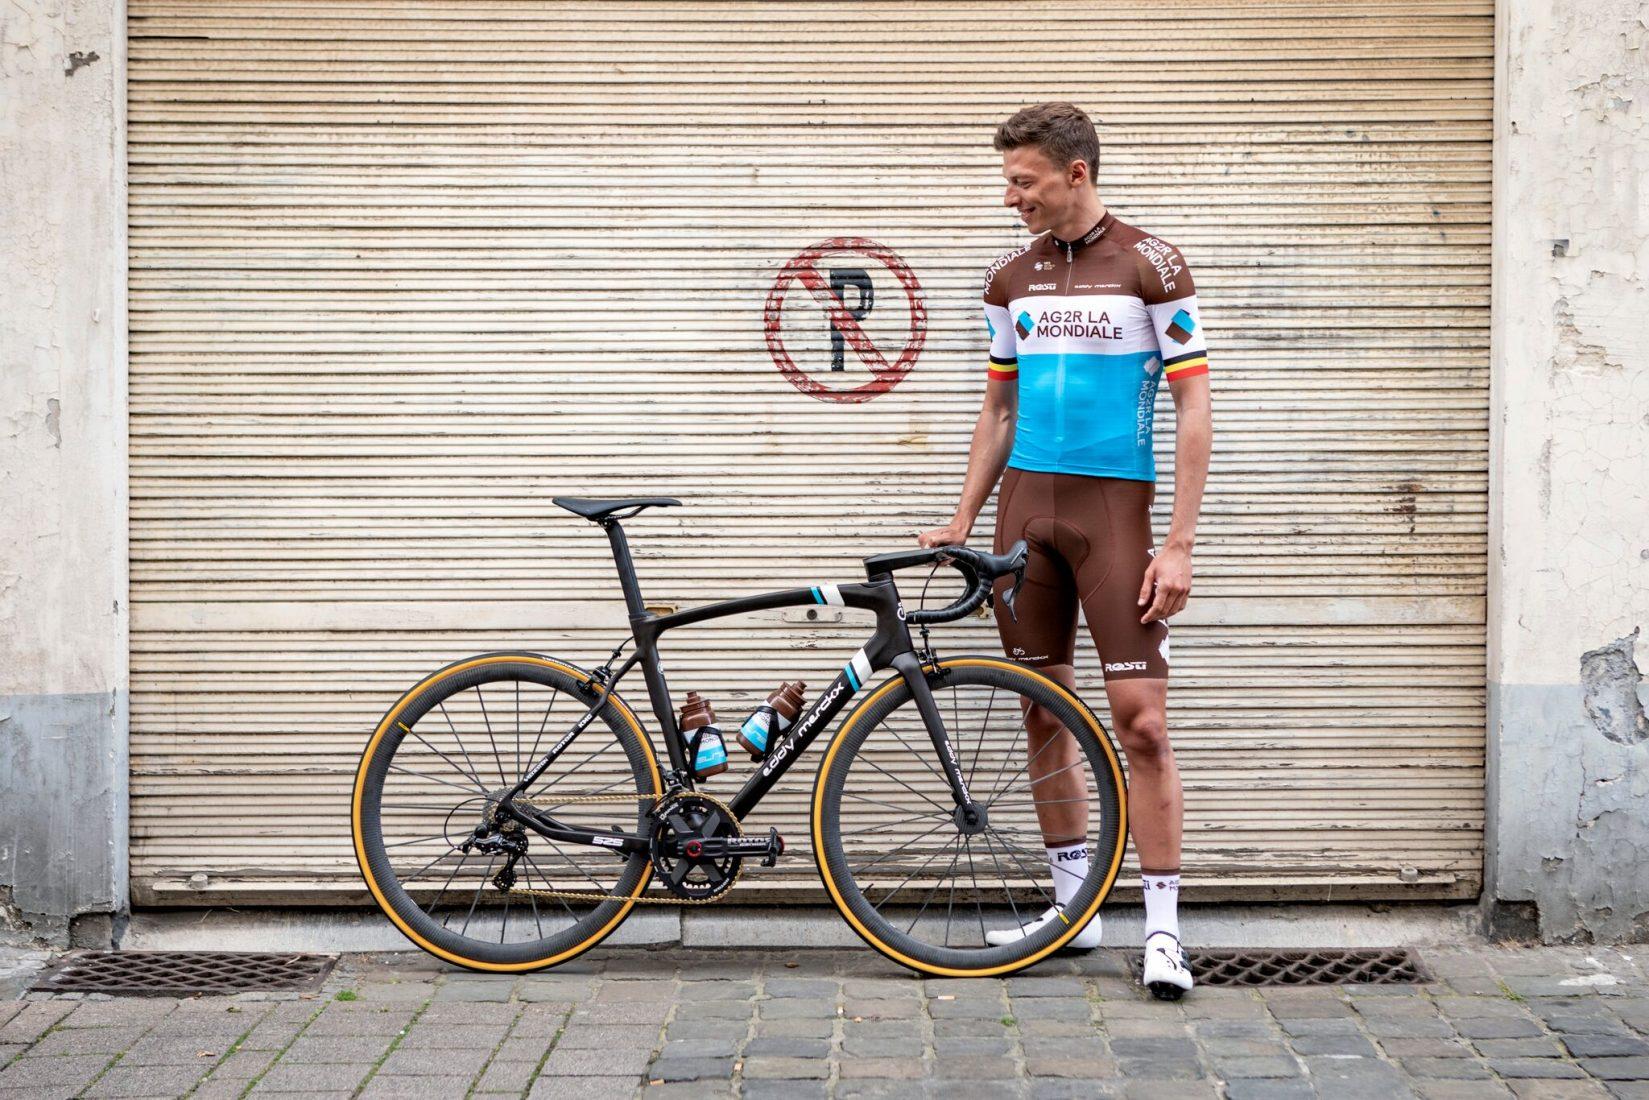 Eddy Merckx & AG2R La Mondiale